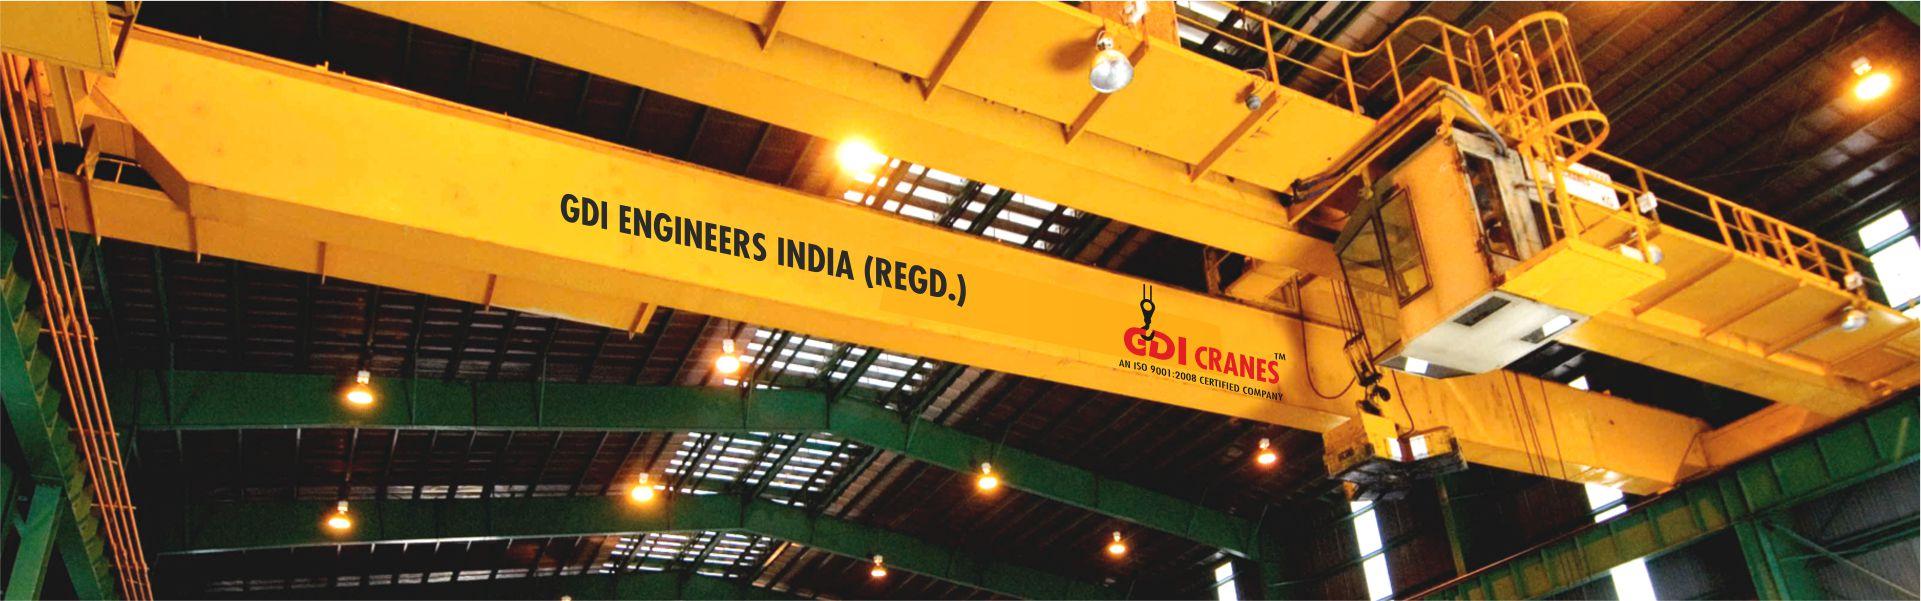 Eot Cranes Manufacturers Over Head Cranes Eot Cranes In